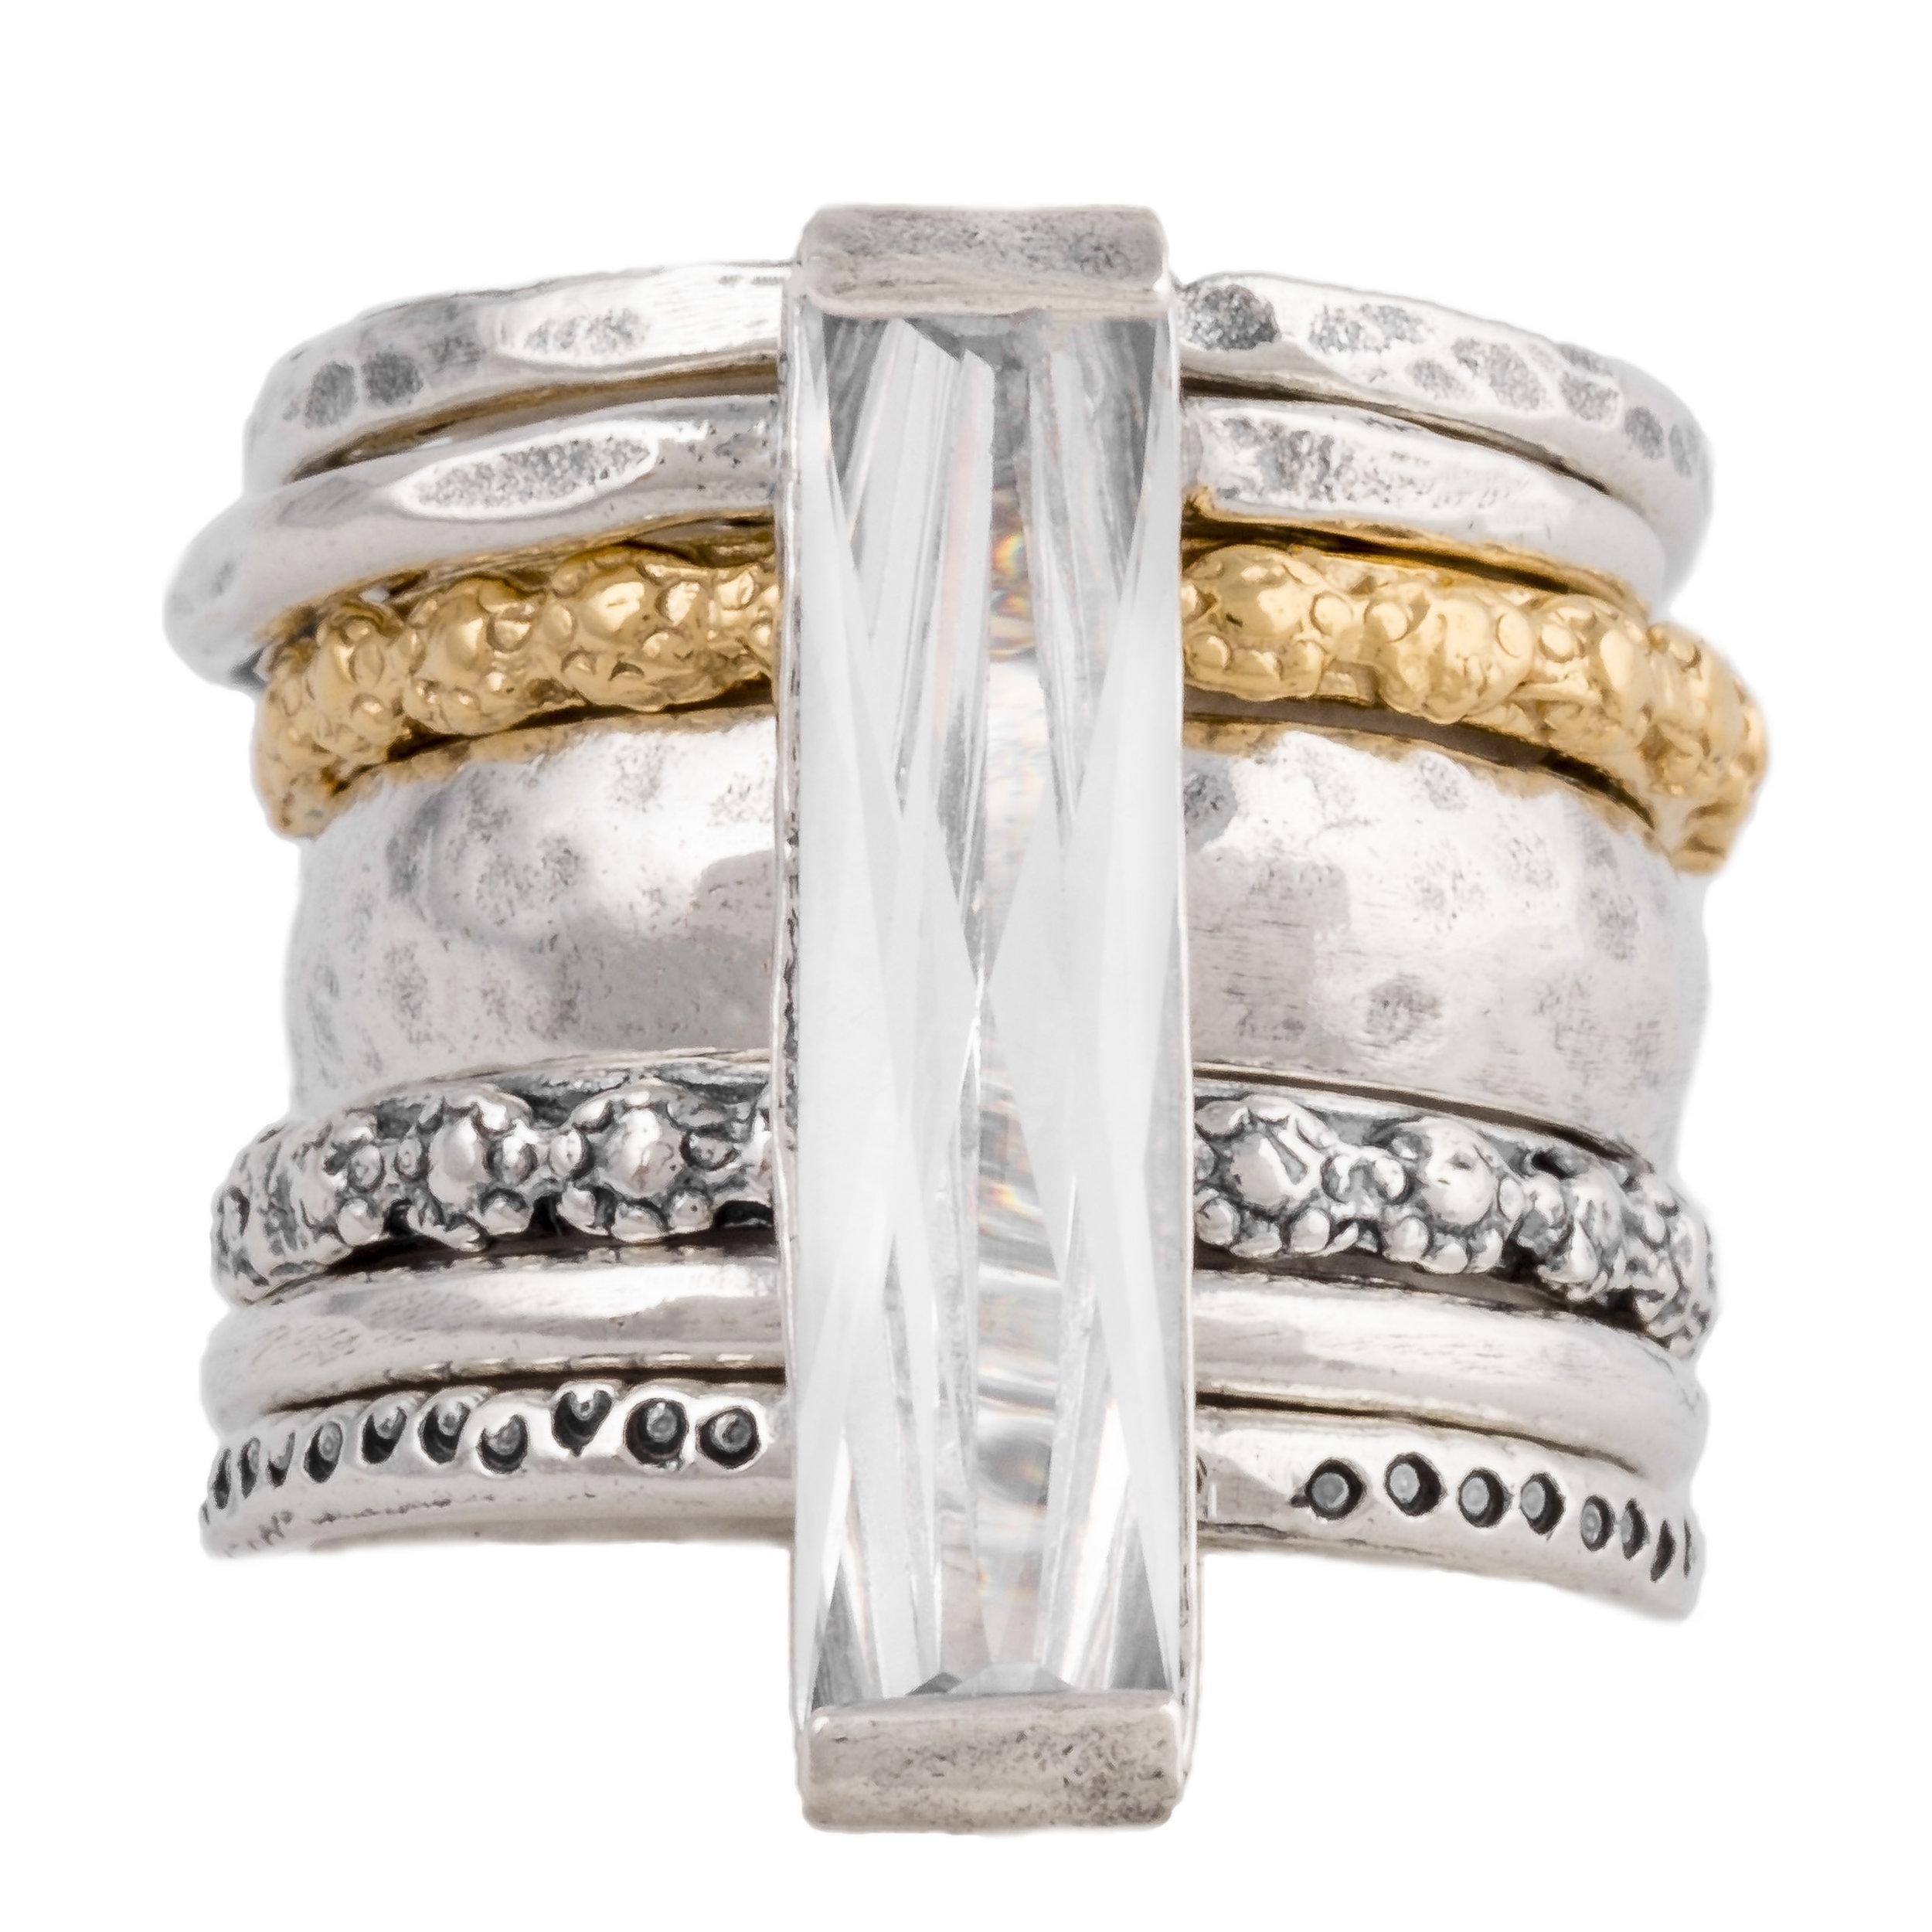 Rings - Multiring (1 of 1)-Edit.jpg